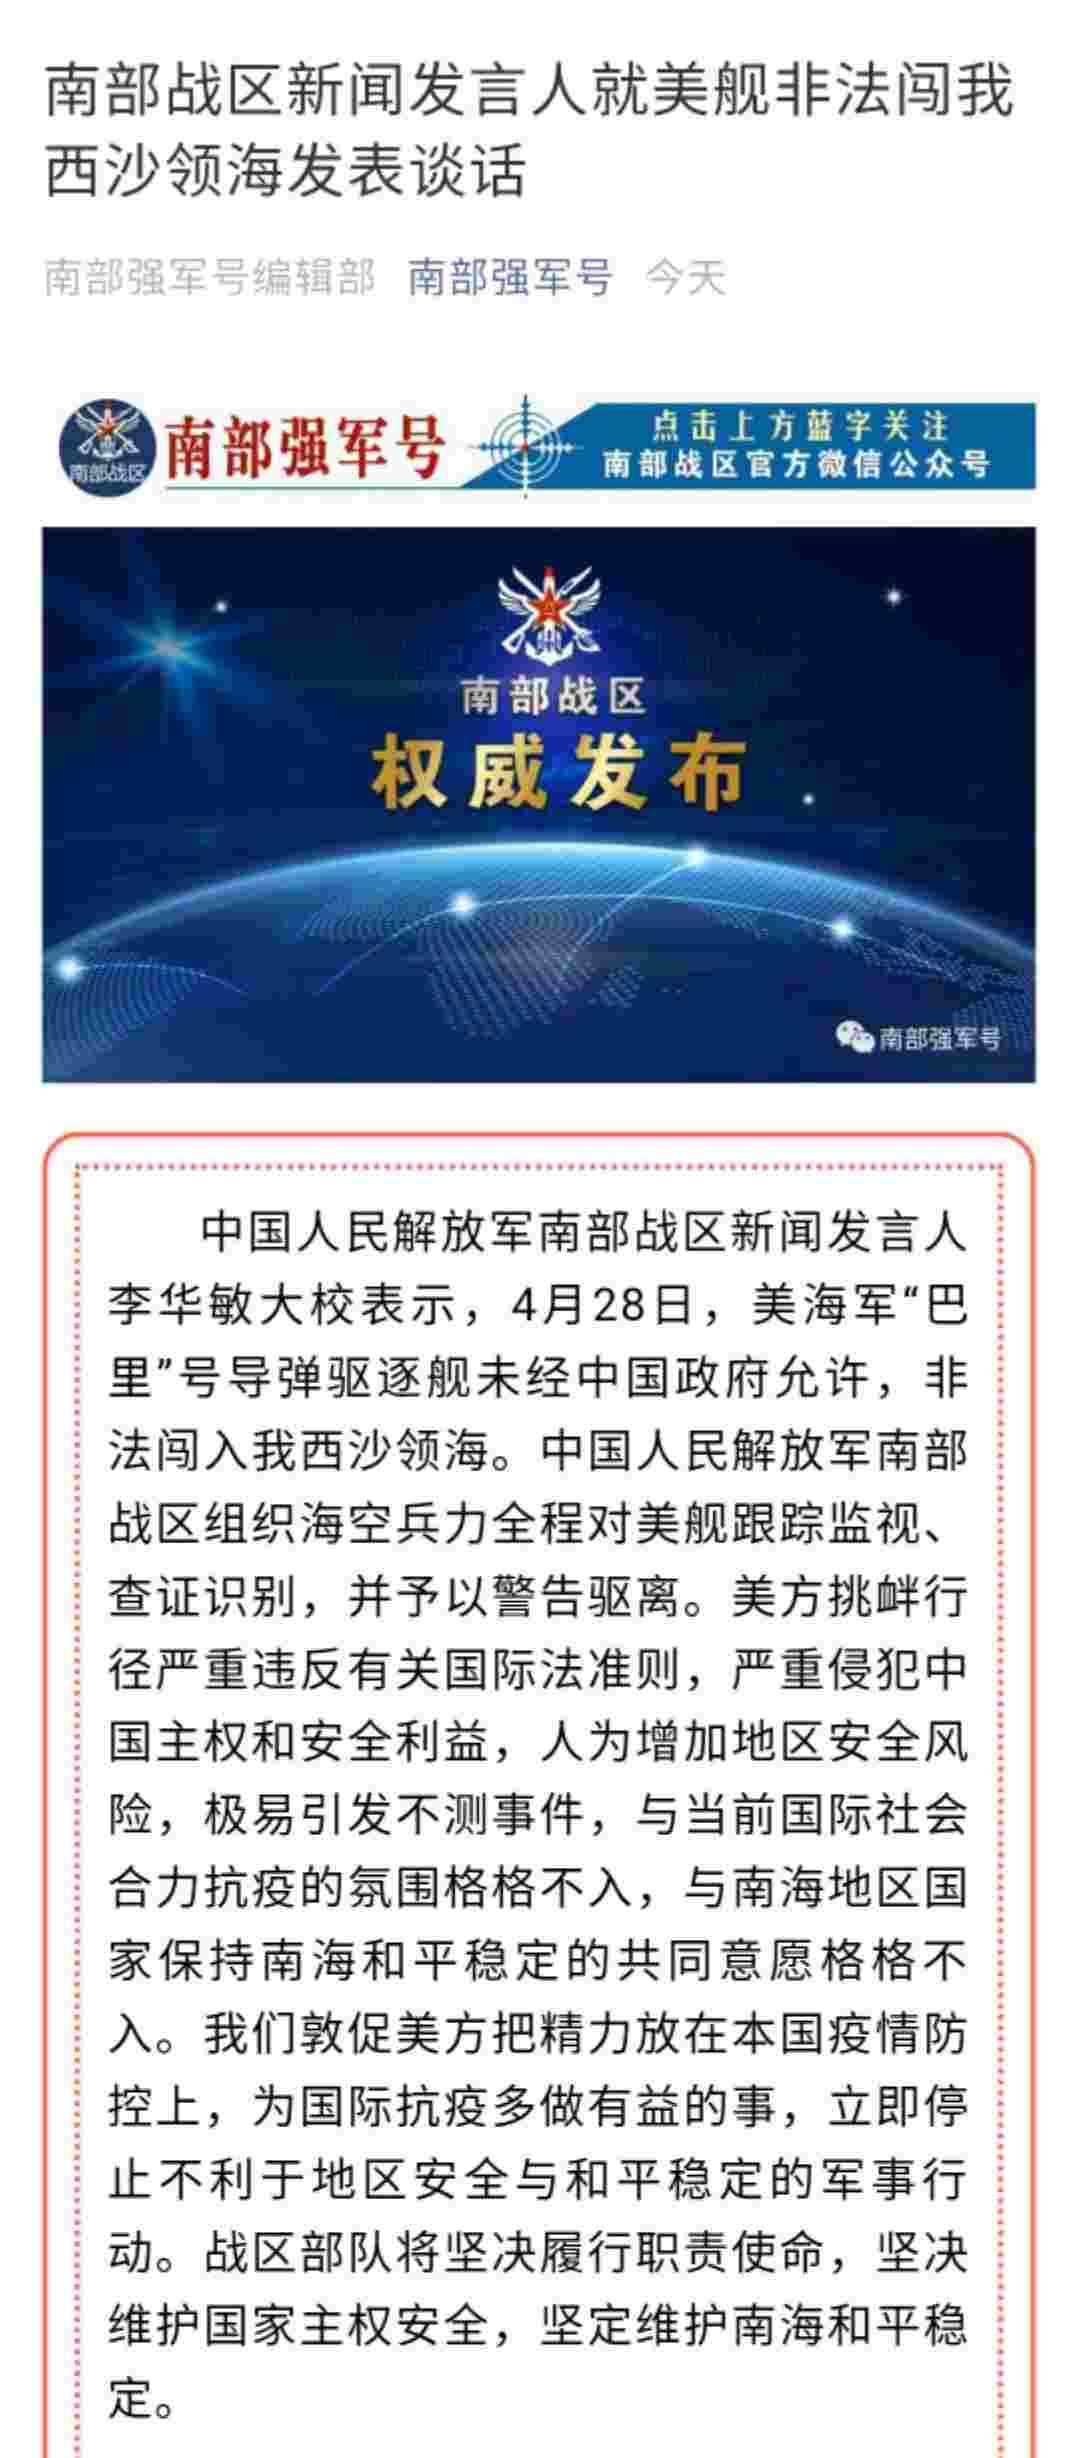 美驱逐舰作凶闯入中国西沙领海手机上买彩票的app,南部战区音信说话人回答